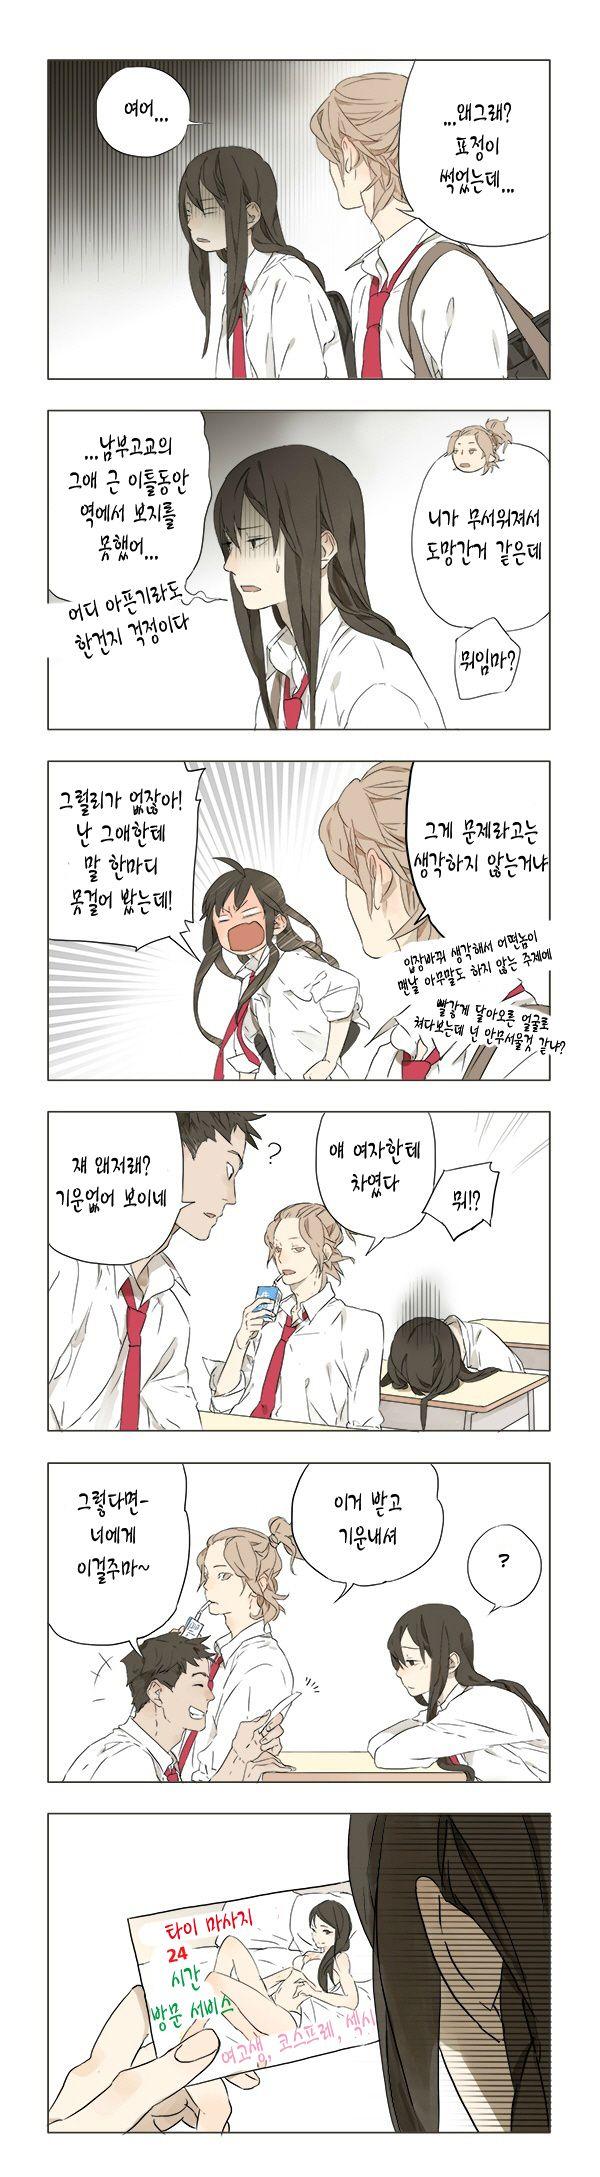 New TOWA Generation : [번역]탄지우 - 그들의 이야기 1화 ~ 13화